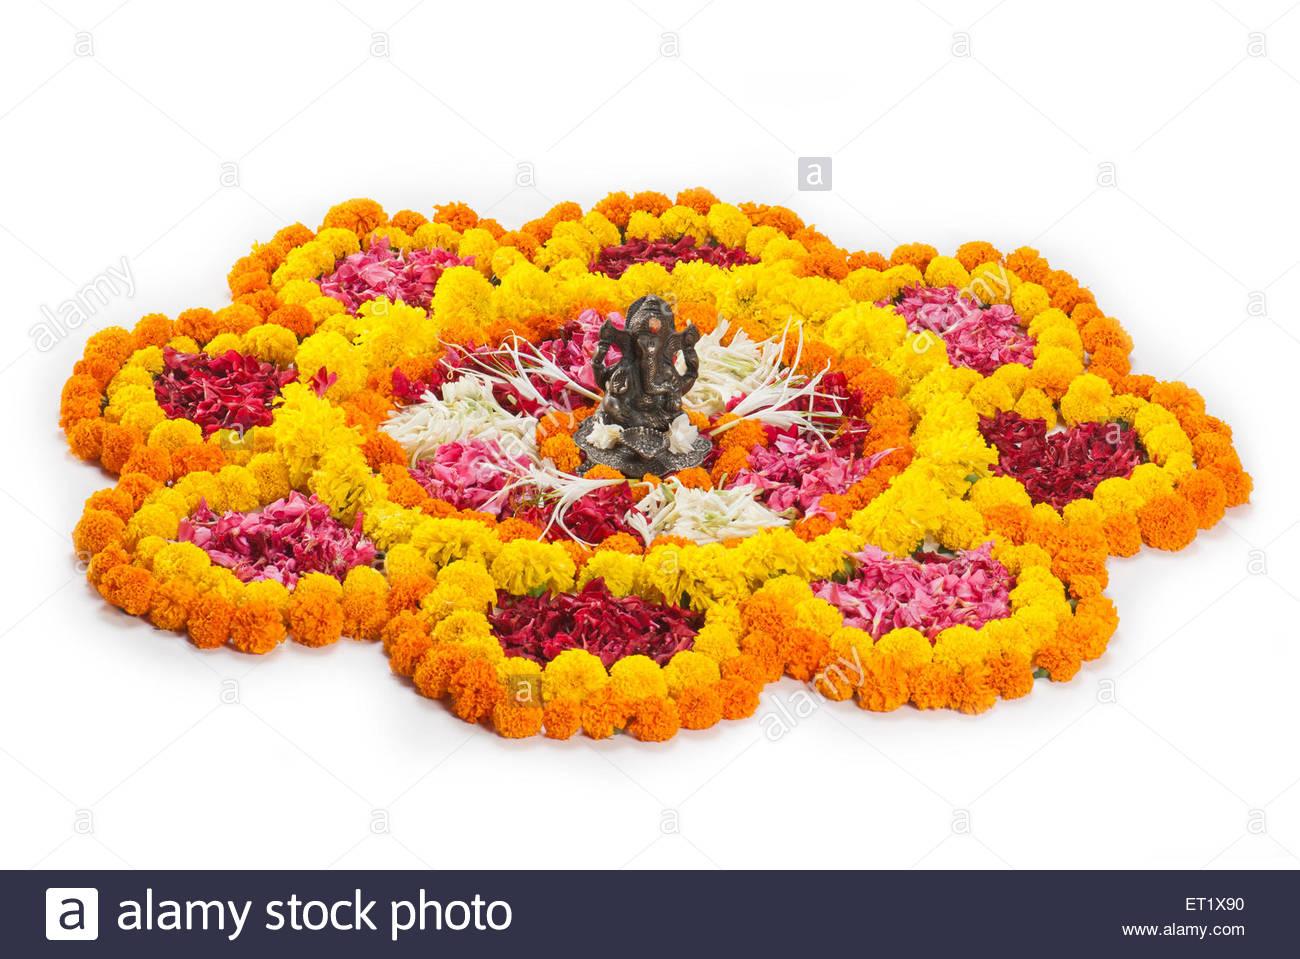 Lord Ganesha Idol on Flowers Rangoli design on white background in ... for Flower Rangoli Designs For Diwali  575lpg